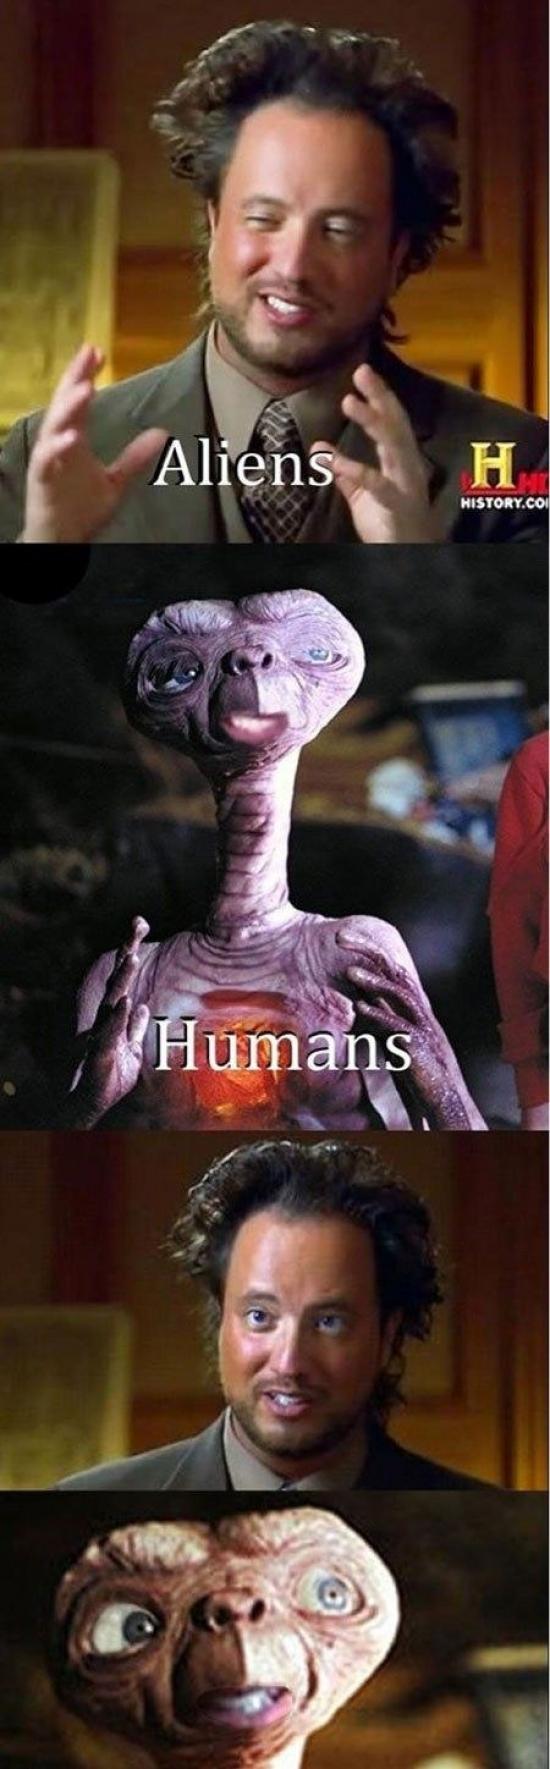 Ancient_aliens - El día que se encuentre con un alien de verdad ya verás...